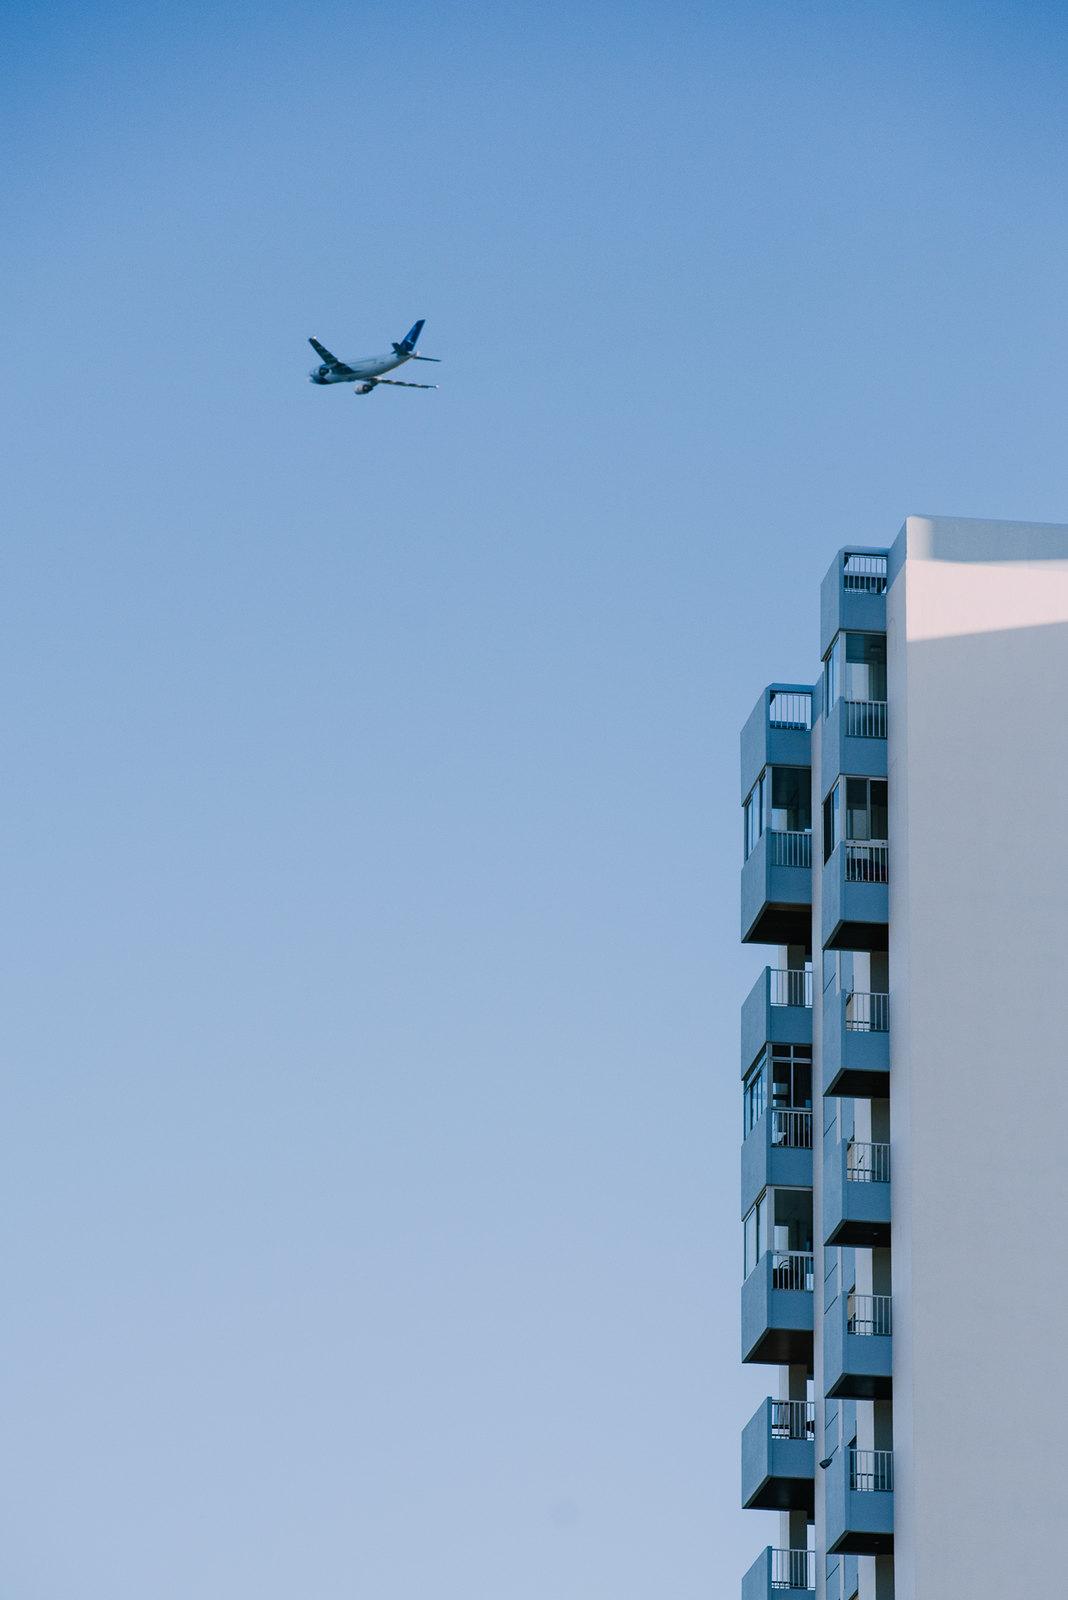 Repülők Ponta Delgadaban